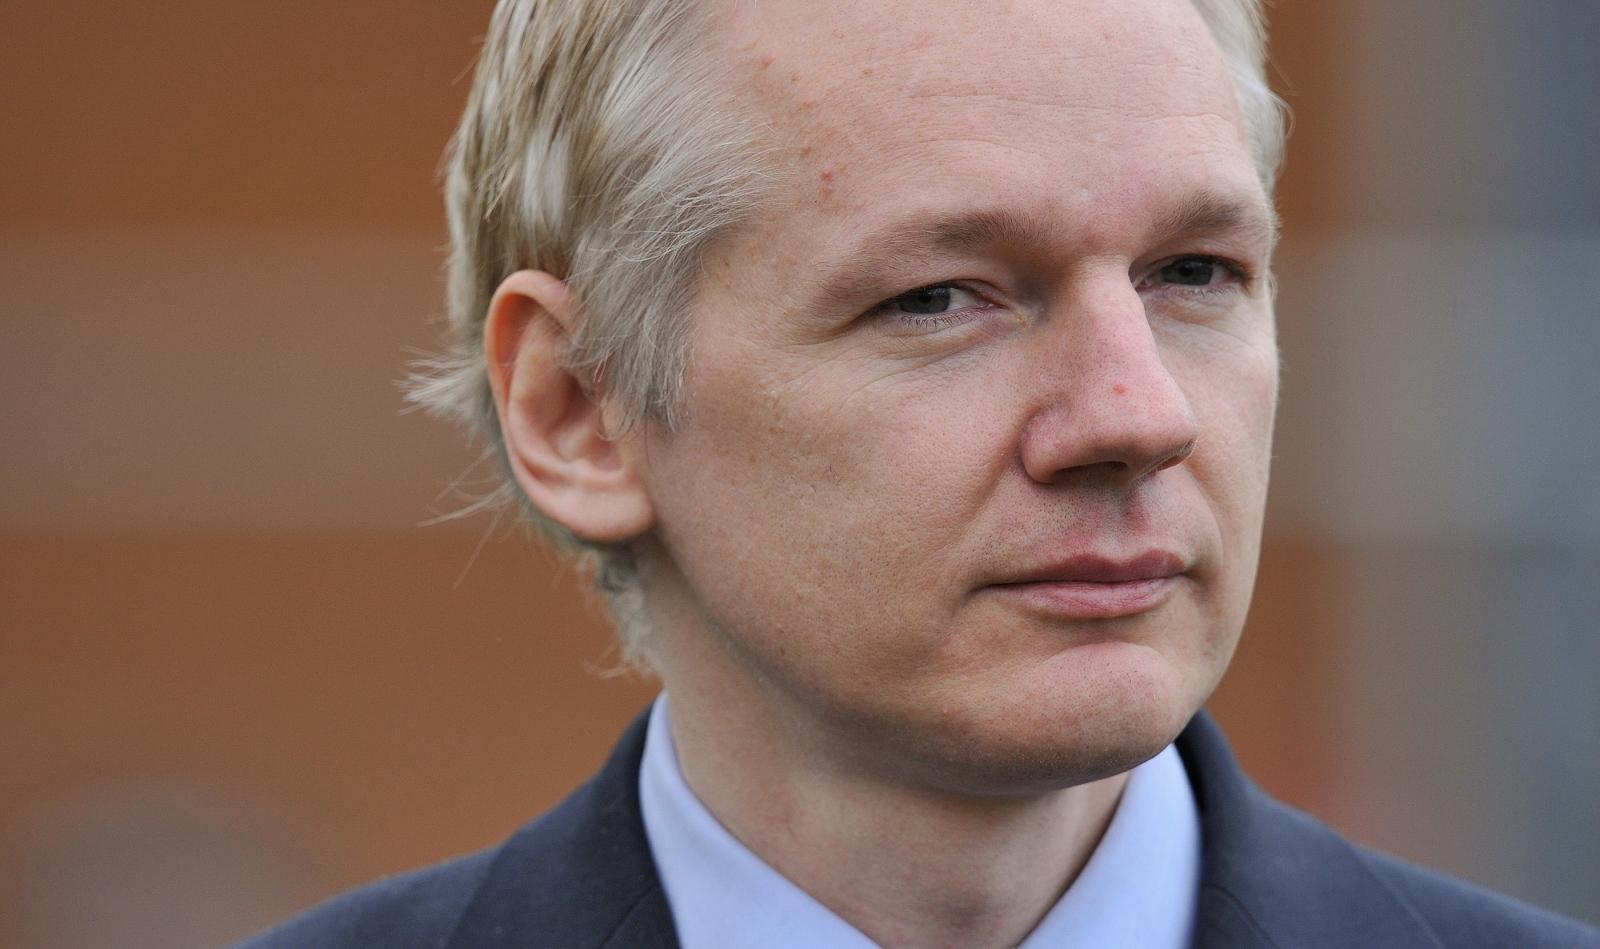 WikiLeaks claims Ecuador cut off Assange's internet after Clinton's Goldman Sachs dump